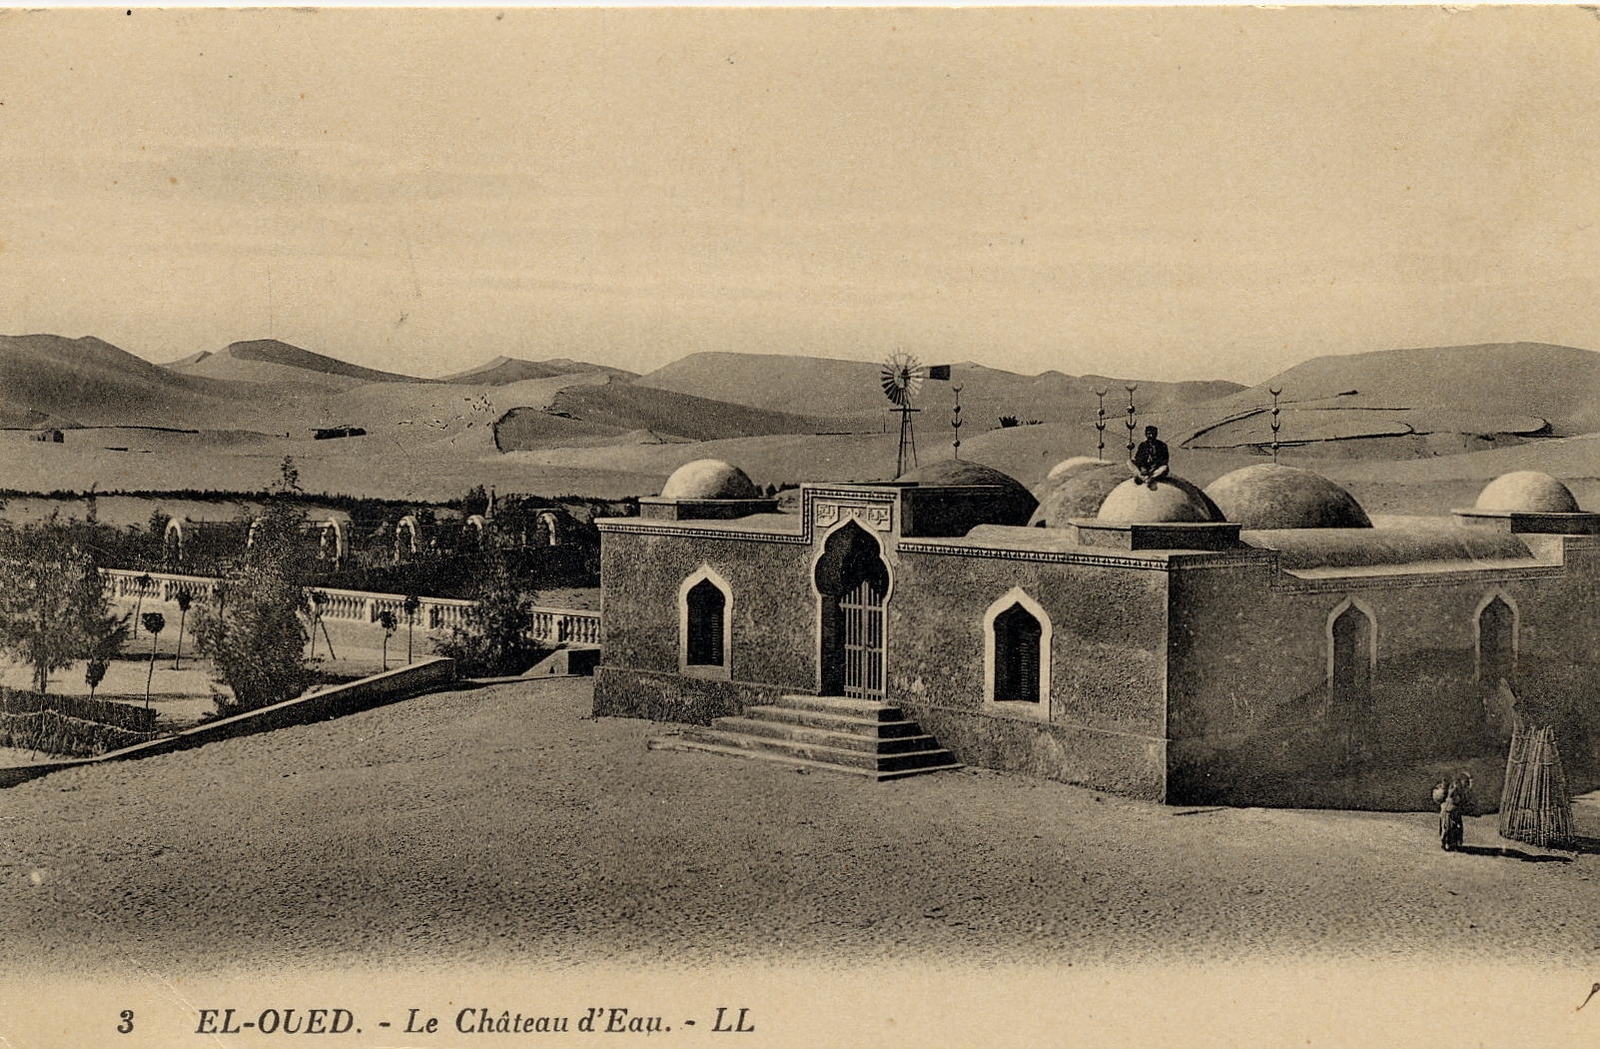 Biskra -  Le château d'eau de El-oued Biskra Algérie.